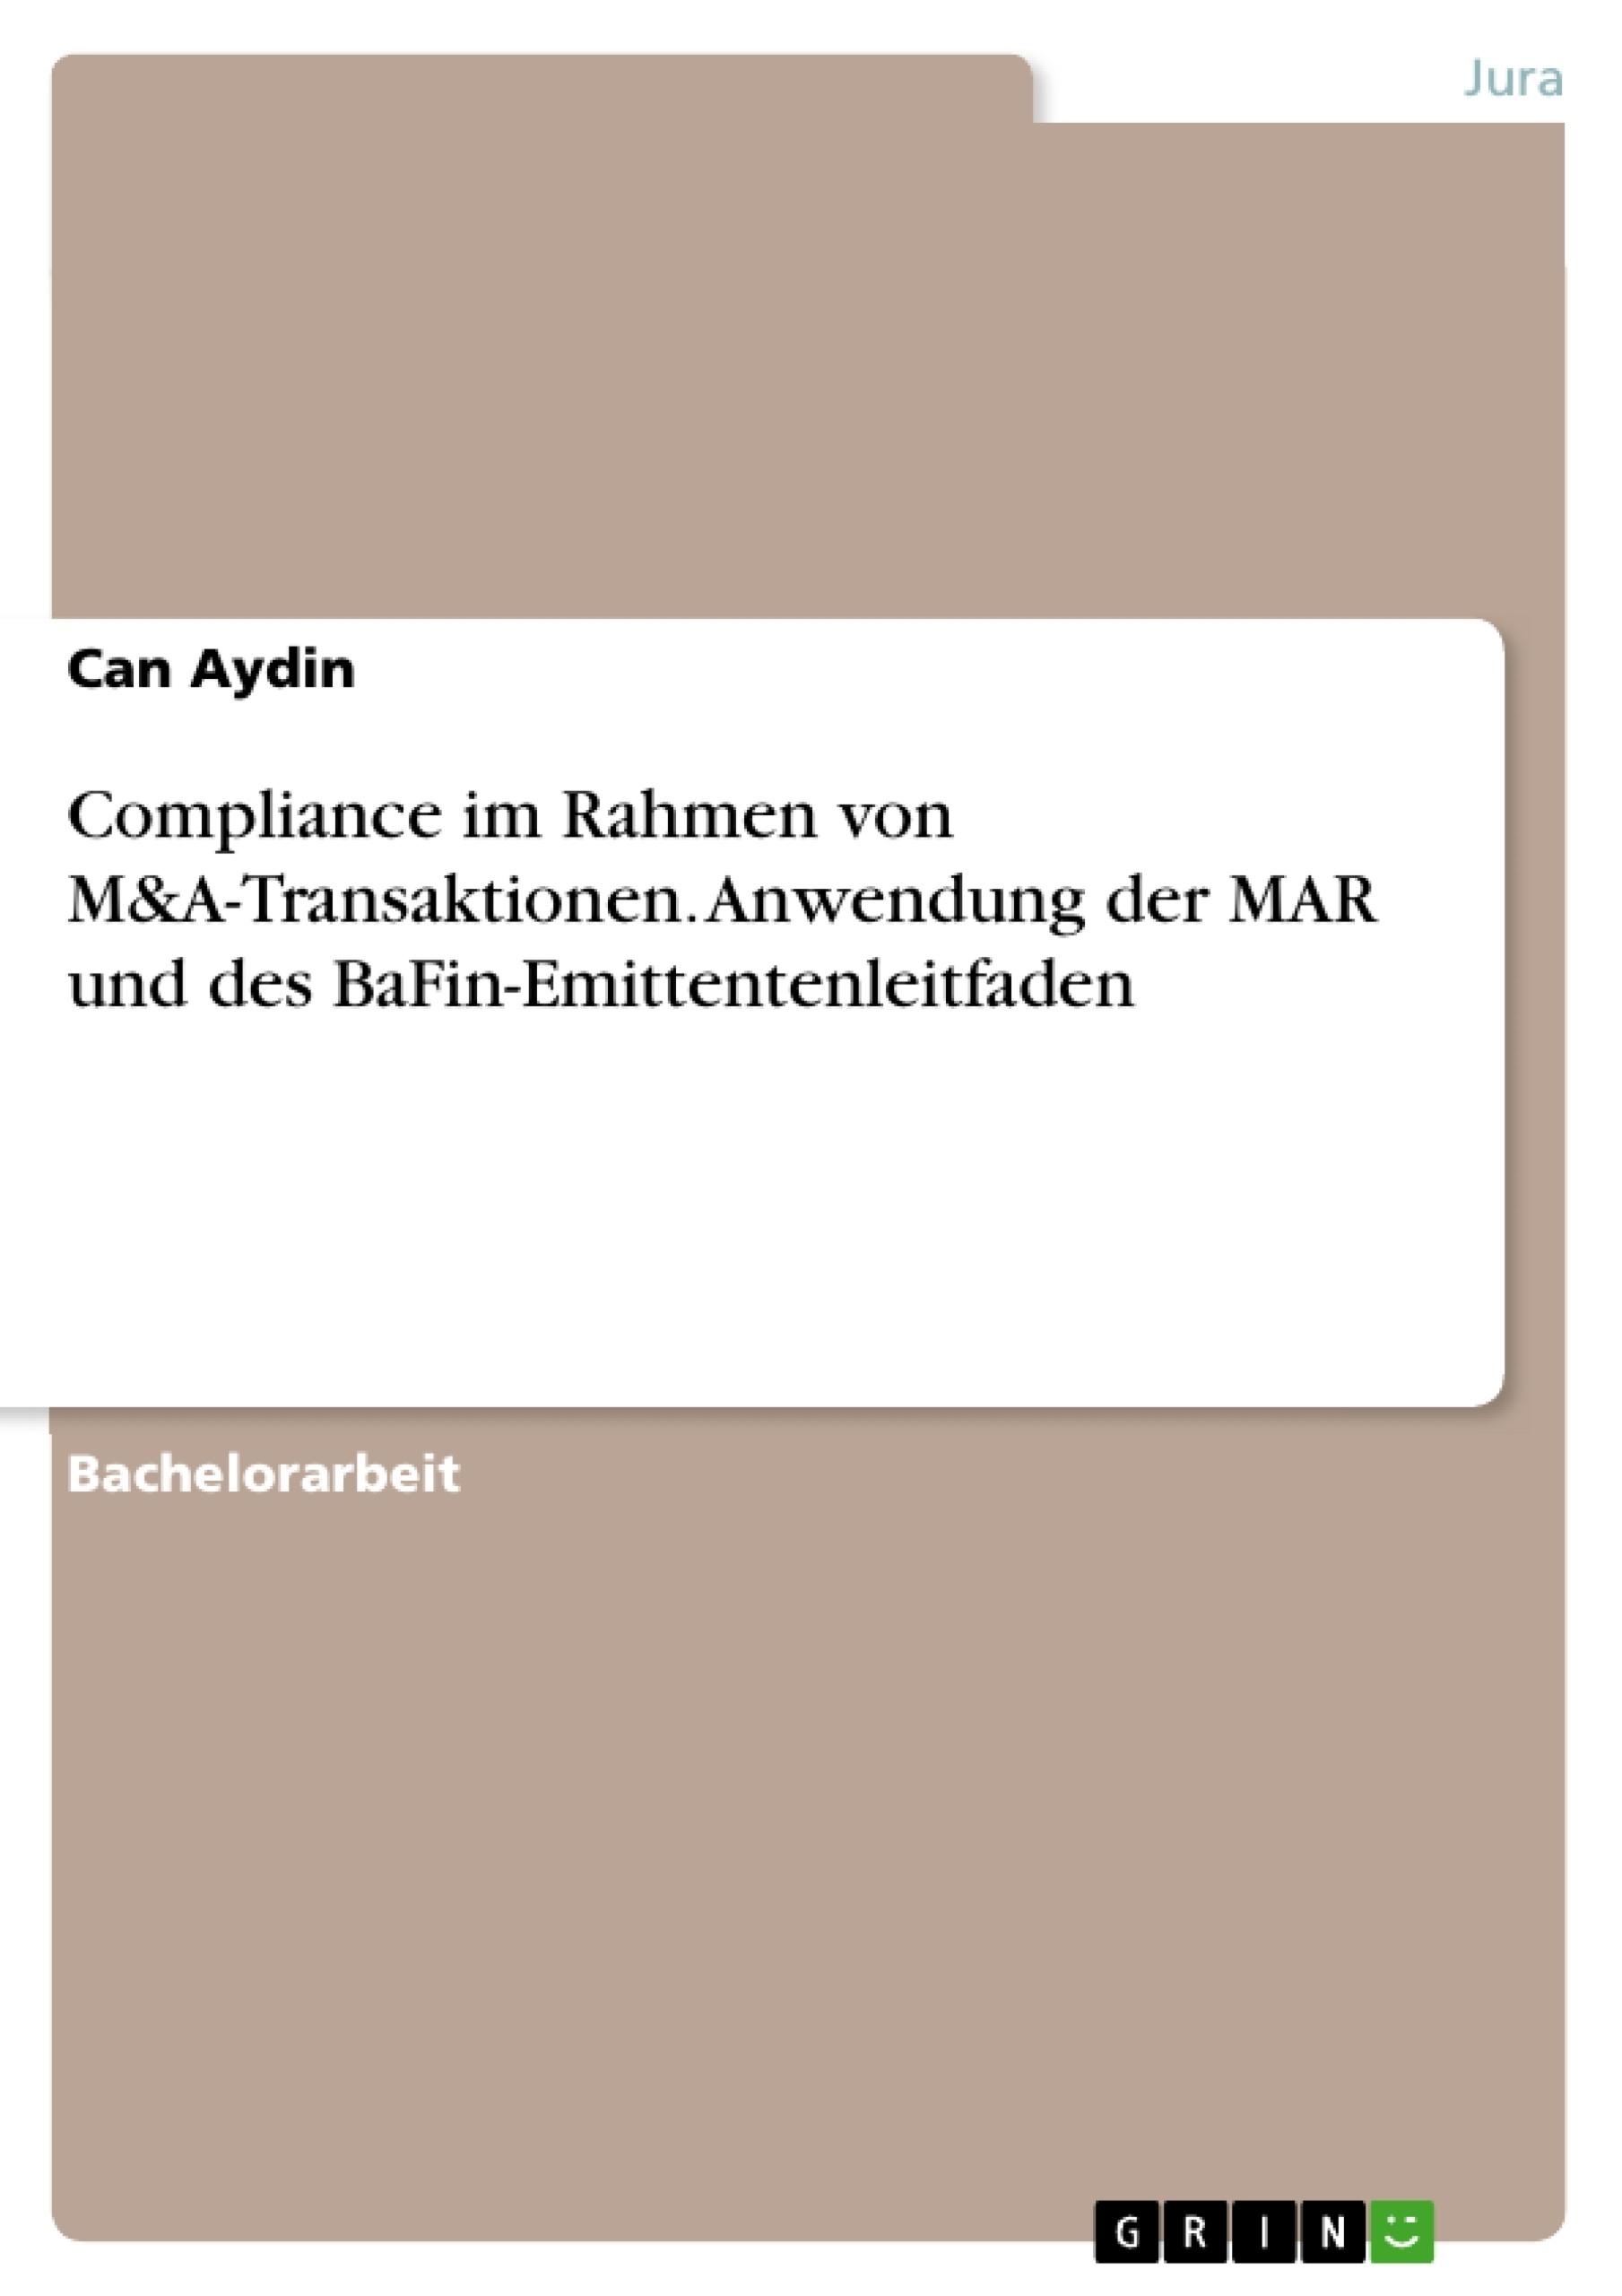 Titel: Compliance im Rahmen von M&A-Transaktionen. Anwendung der MAR und des BaFin-Emittentenleitfaden